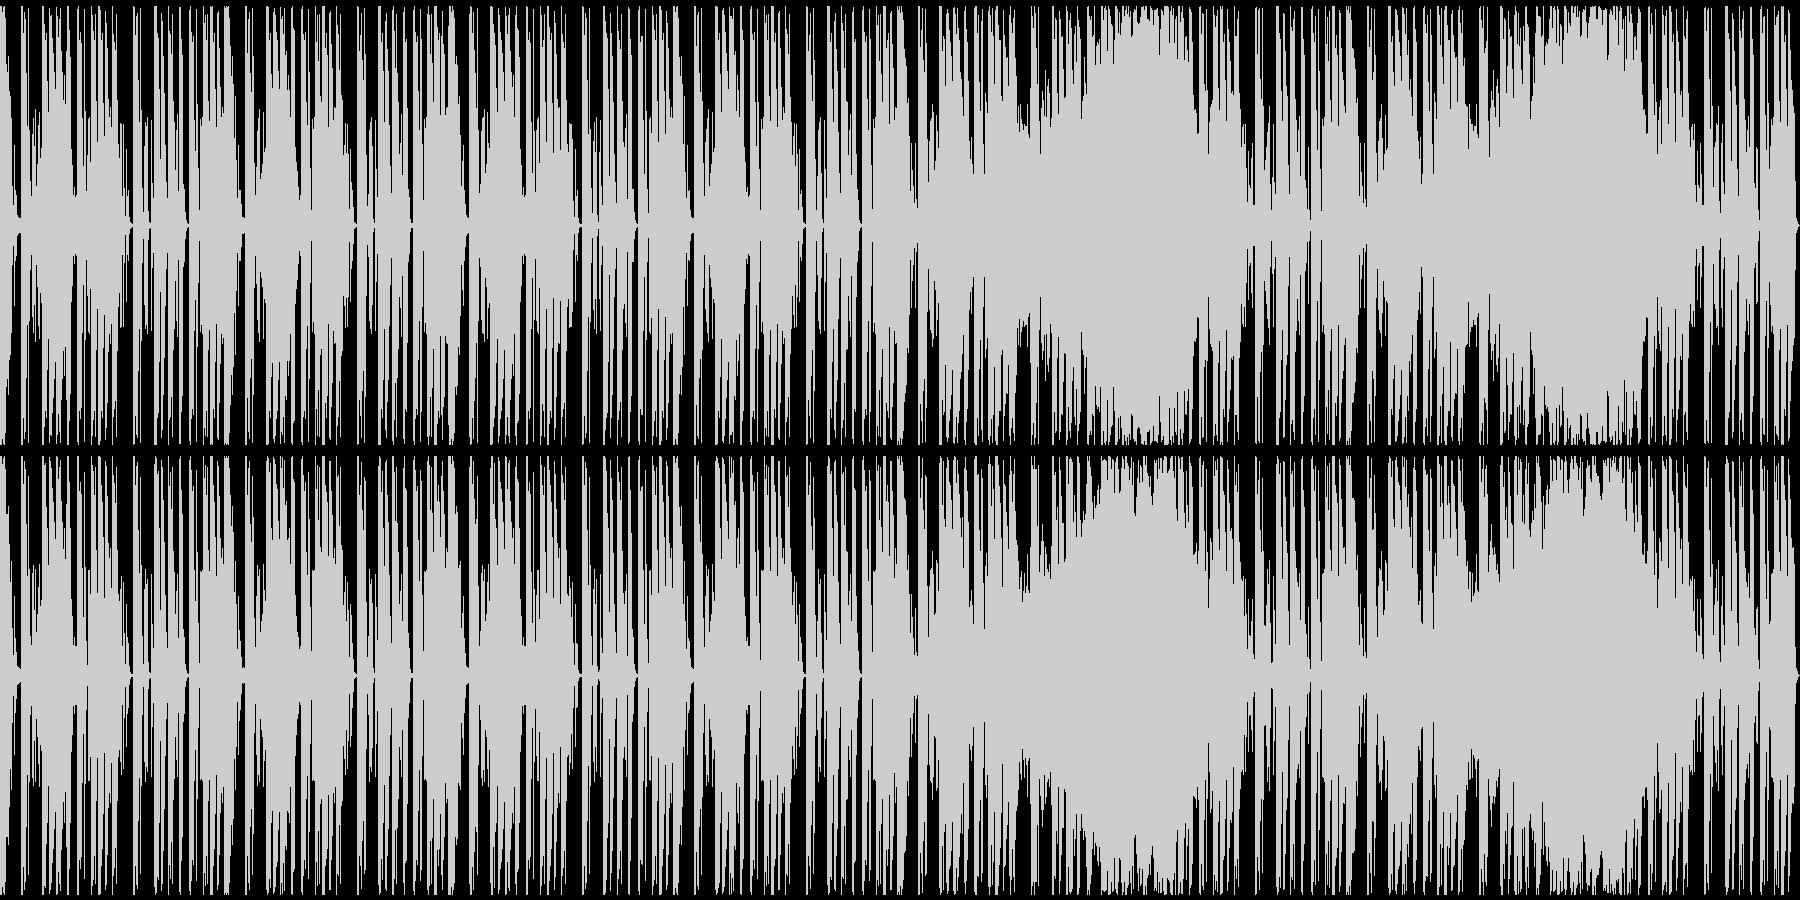 【ミステリアス】ゲーム、ロング1の未再生の波形